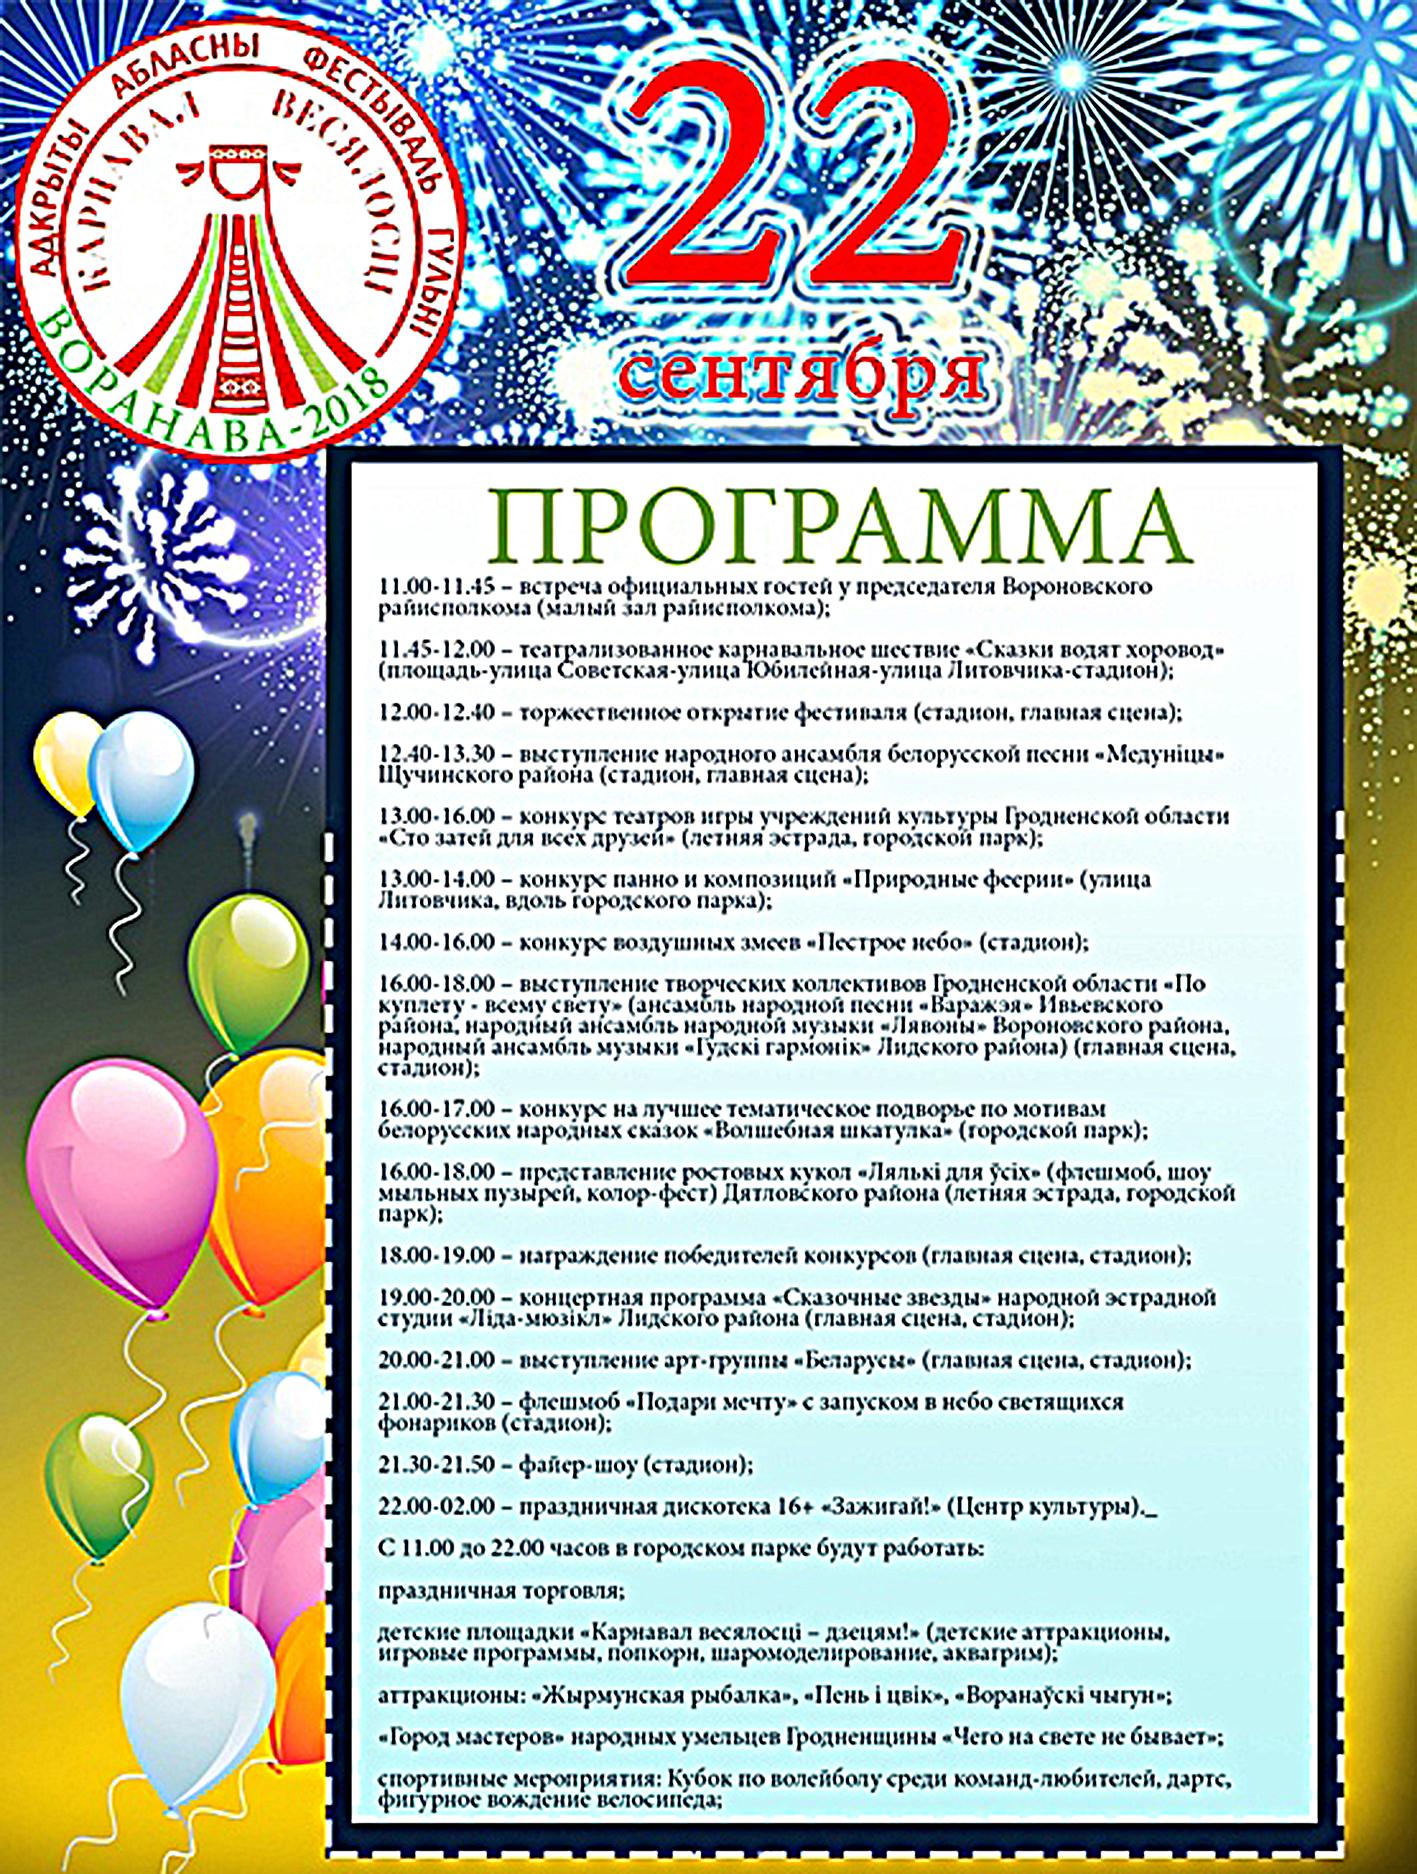 Вороново приглашает на областной открытый фестиваль игры «Карнавал весялосці»